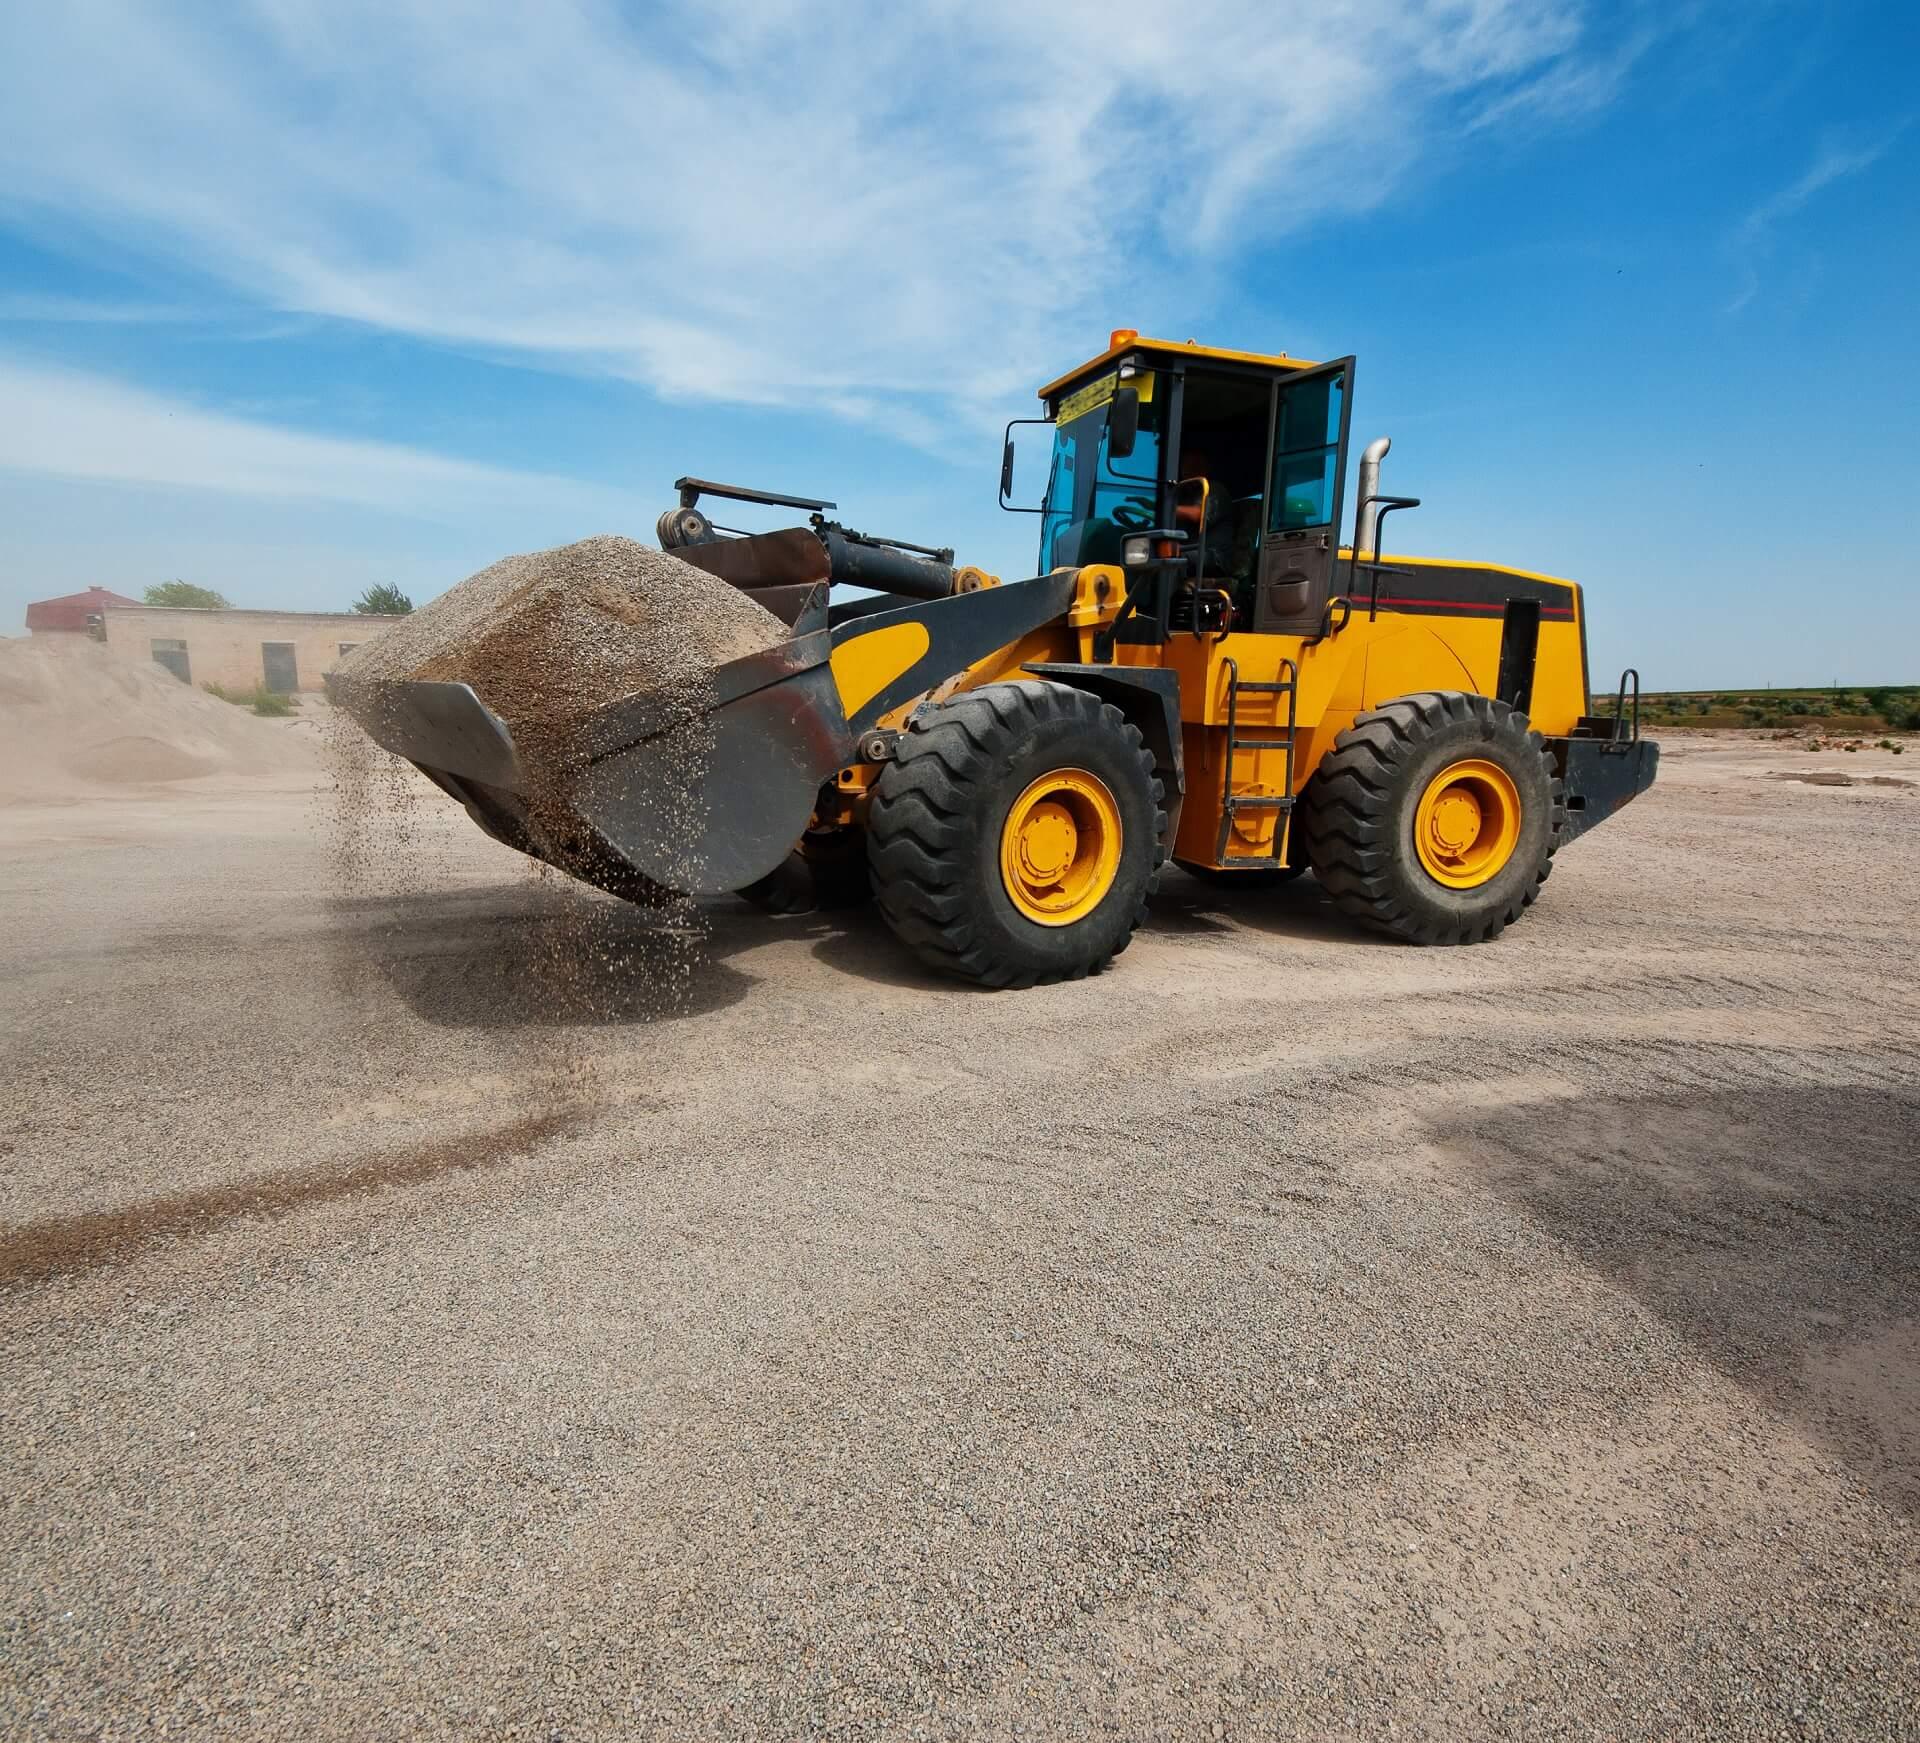 Компанія НОВОДІМ займається продажем цегли, цементу, щебенб, піску, відсіву, баків та ємностей, твердопаливних котлів та твердого палива